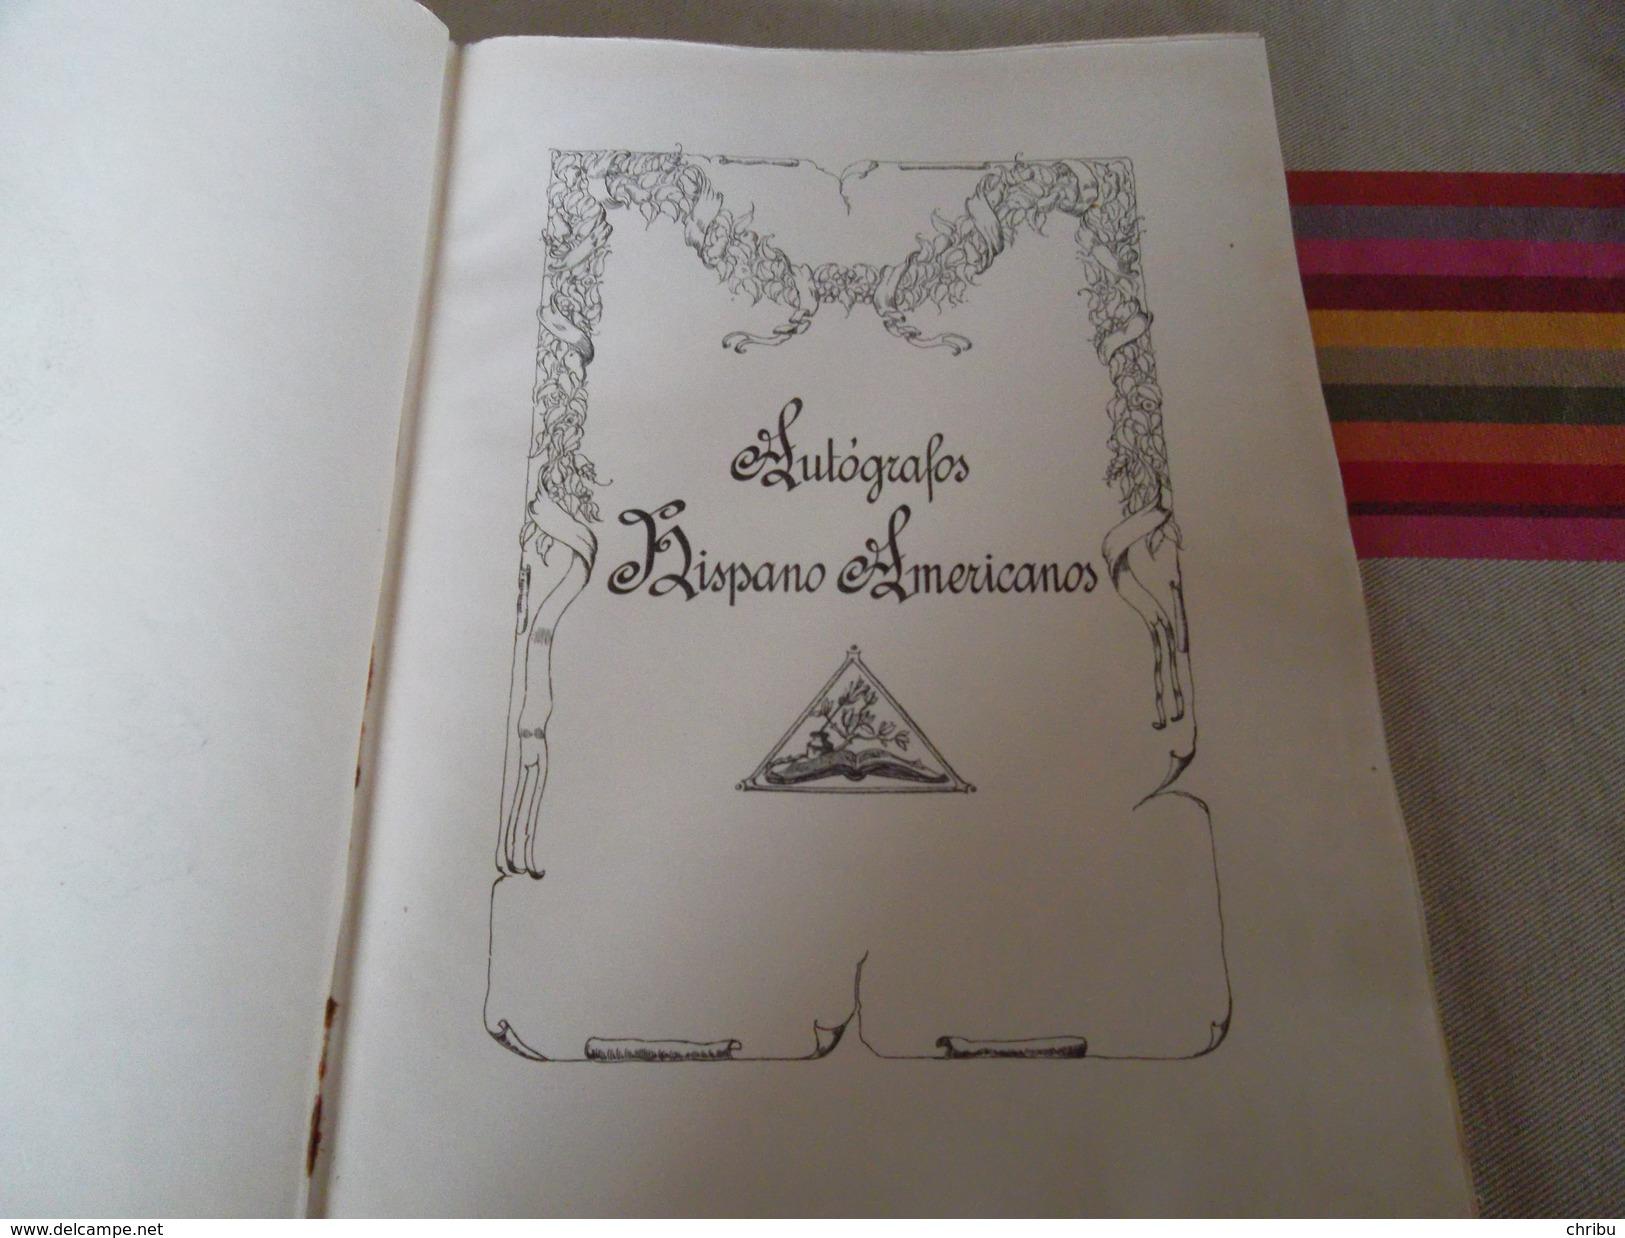 AUTOGRAPHOS HISPANO AMERICANOS  CELINA GONZALEZ PENA DE CALDERA - Livres, BD, Revues